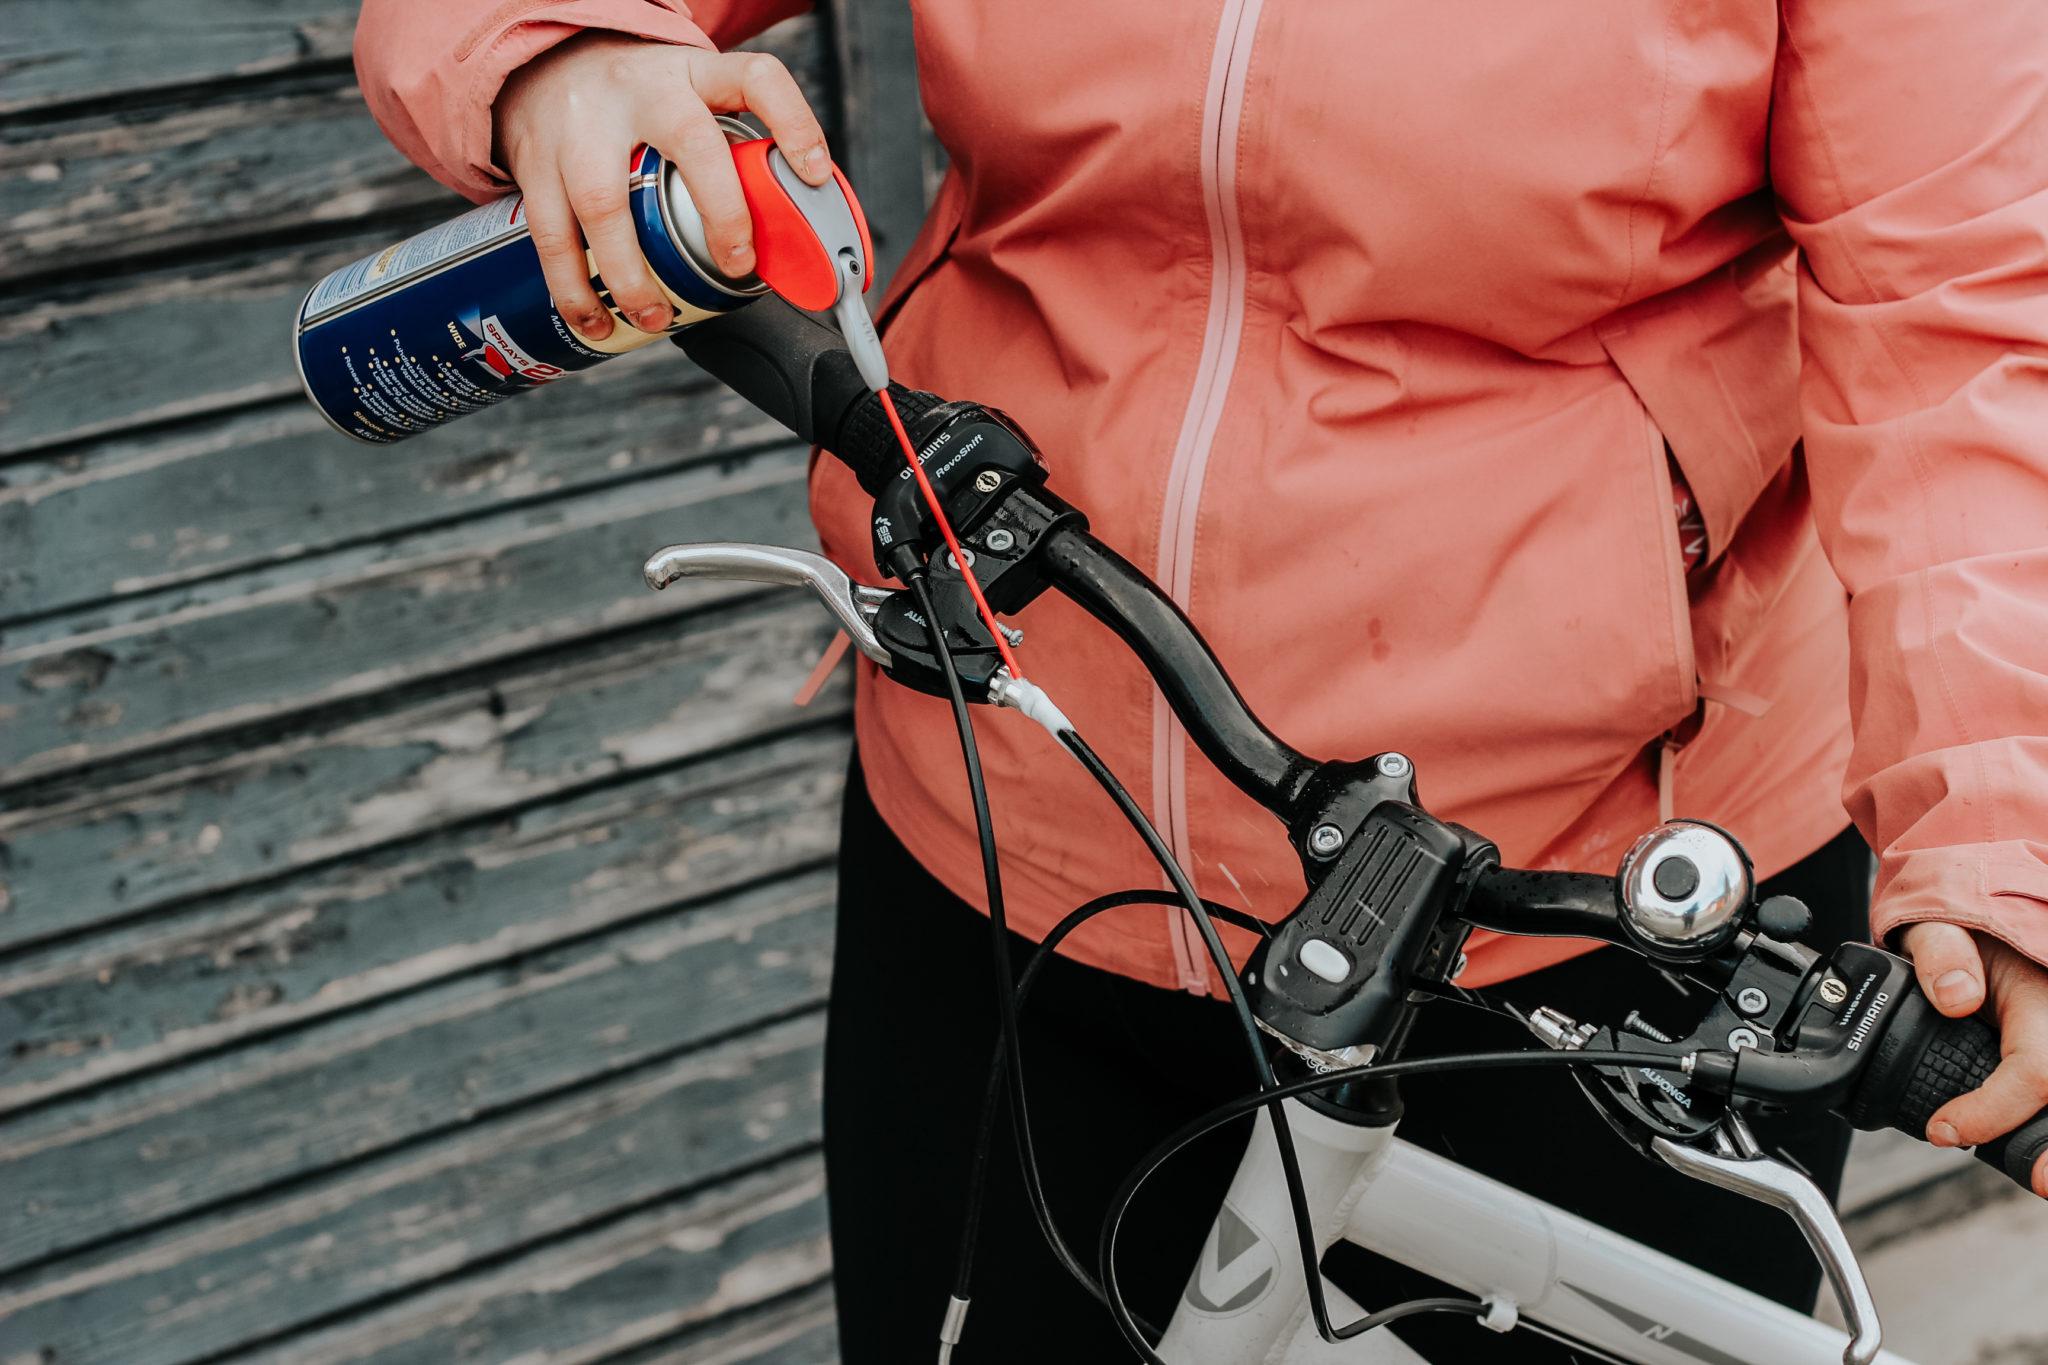 WD-40 monitoimiaine polkupyörän keväthuolto